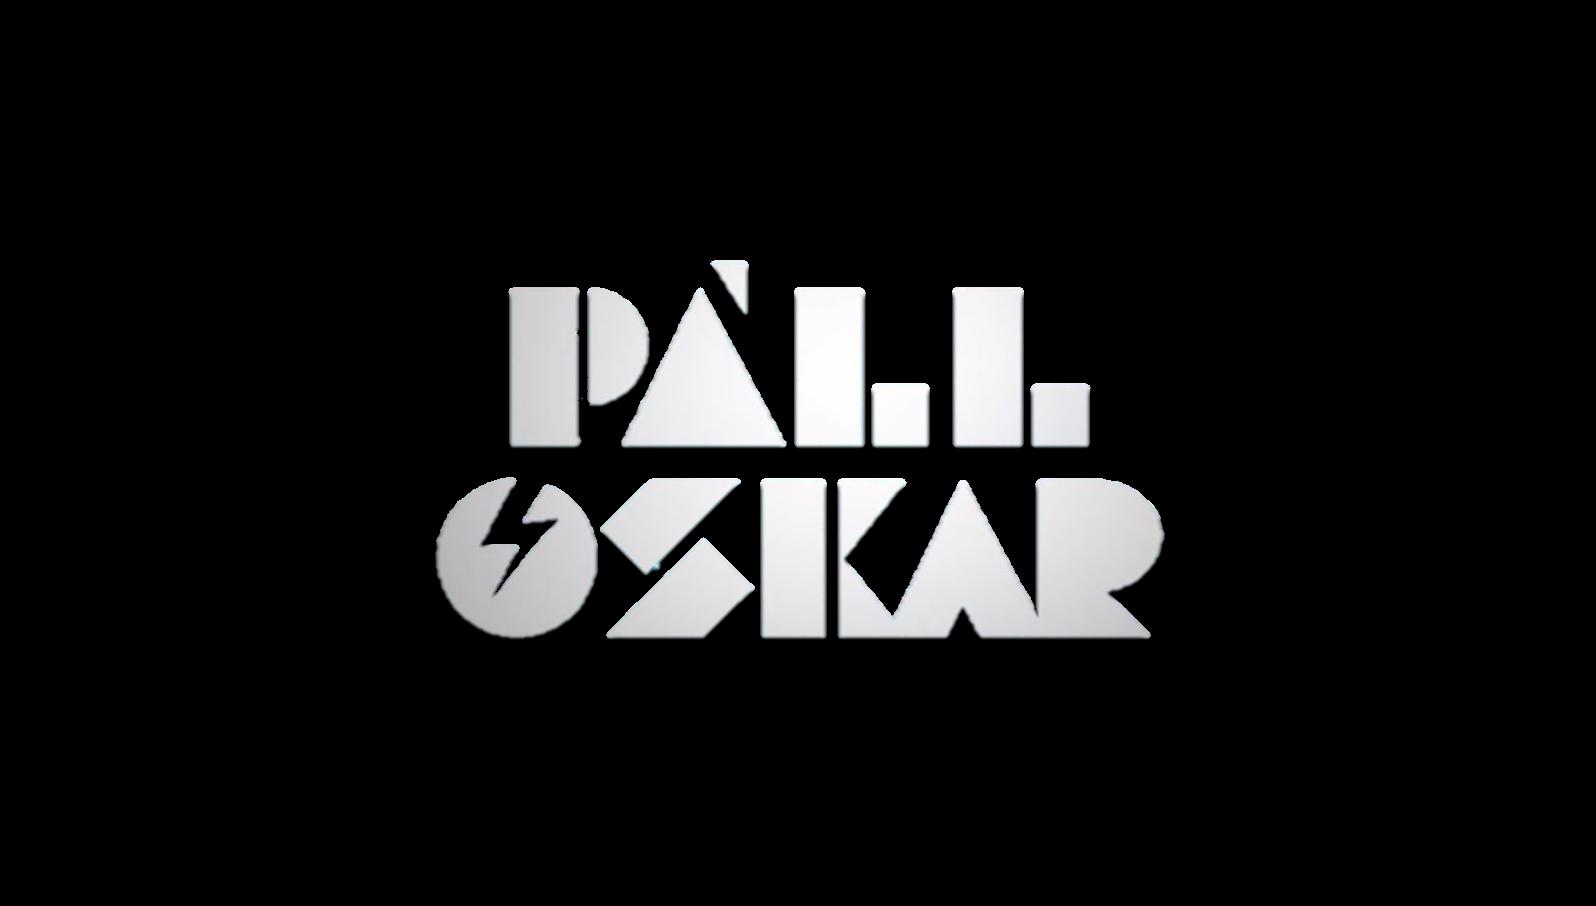 Páll Óskar